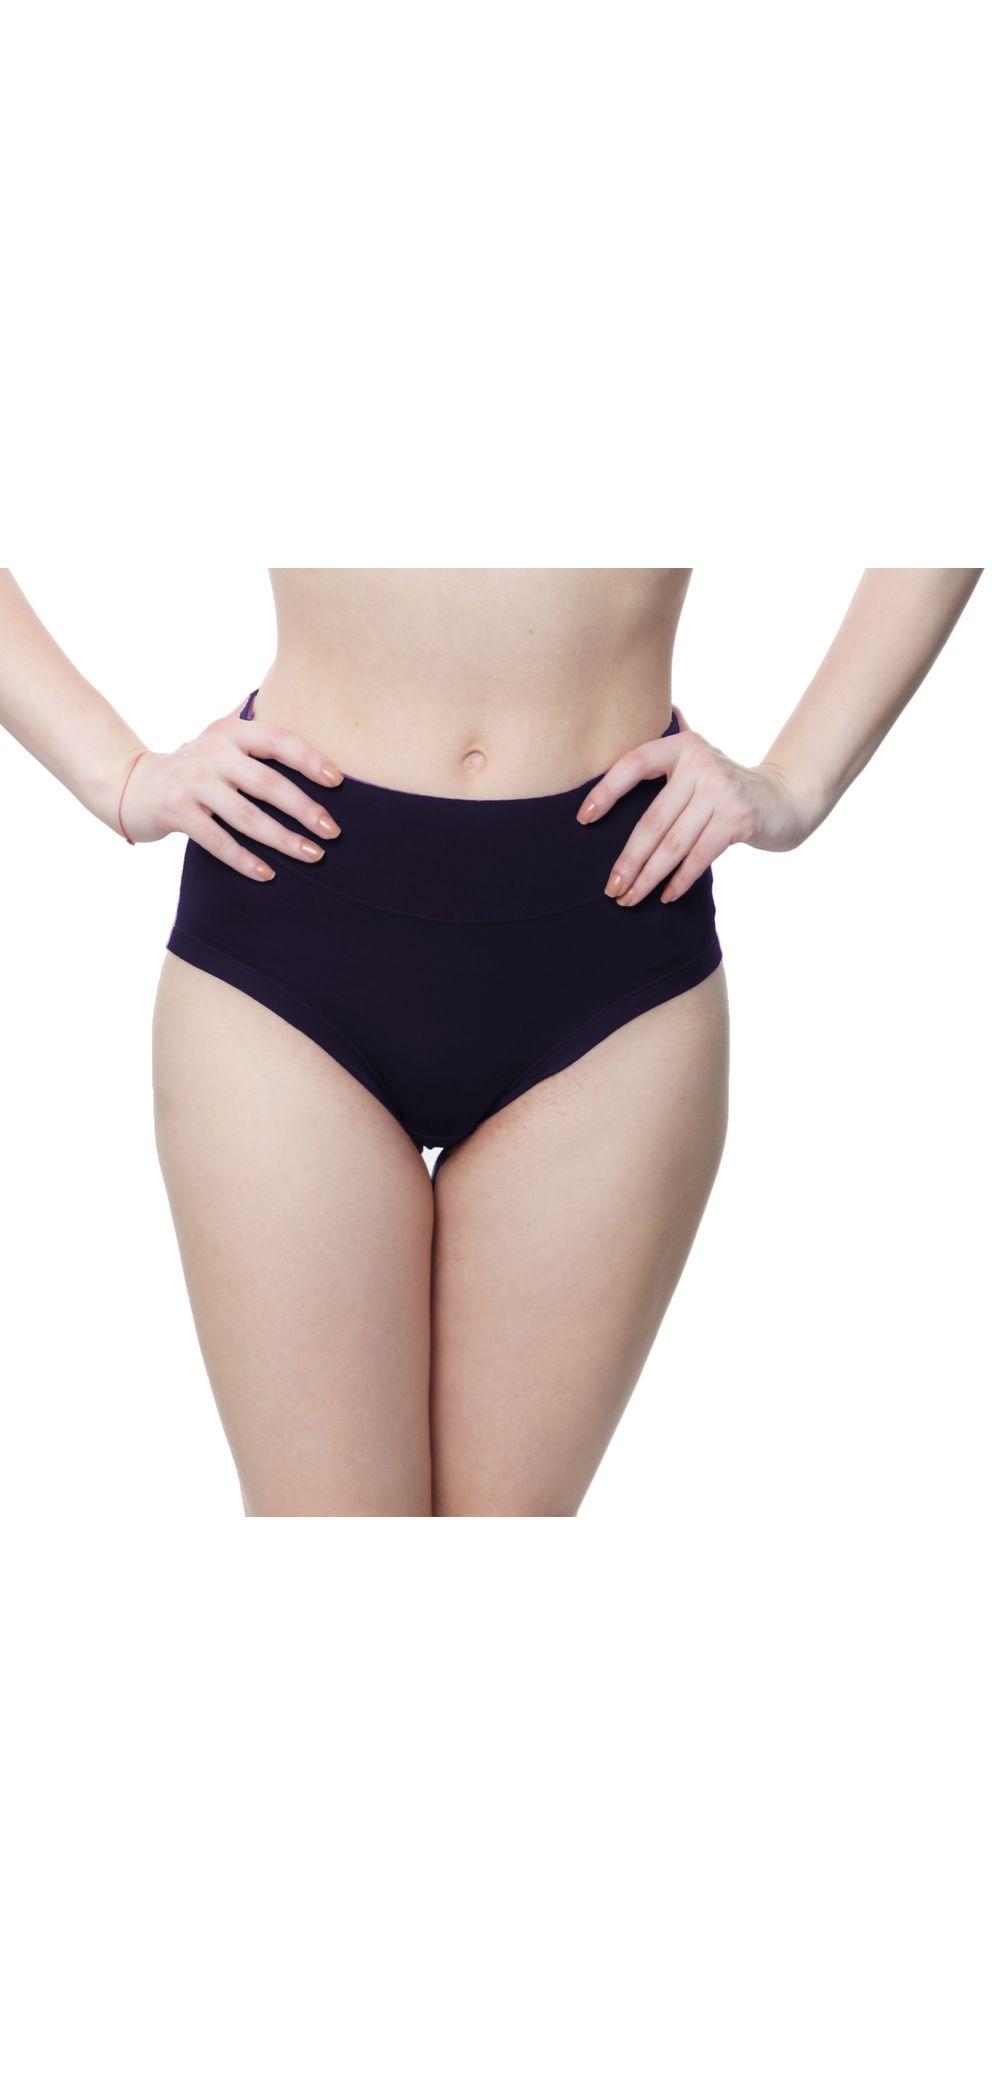 Plus size bikini pantie excellent